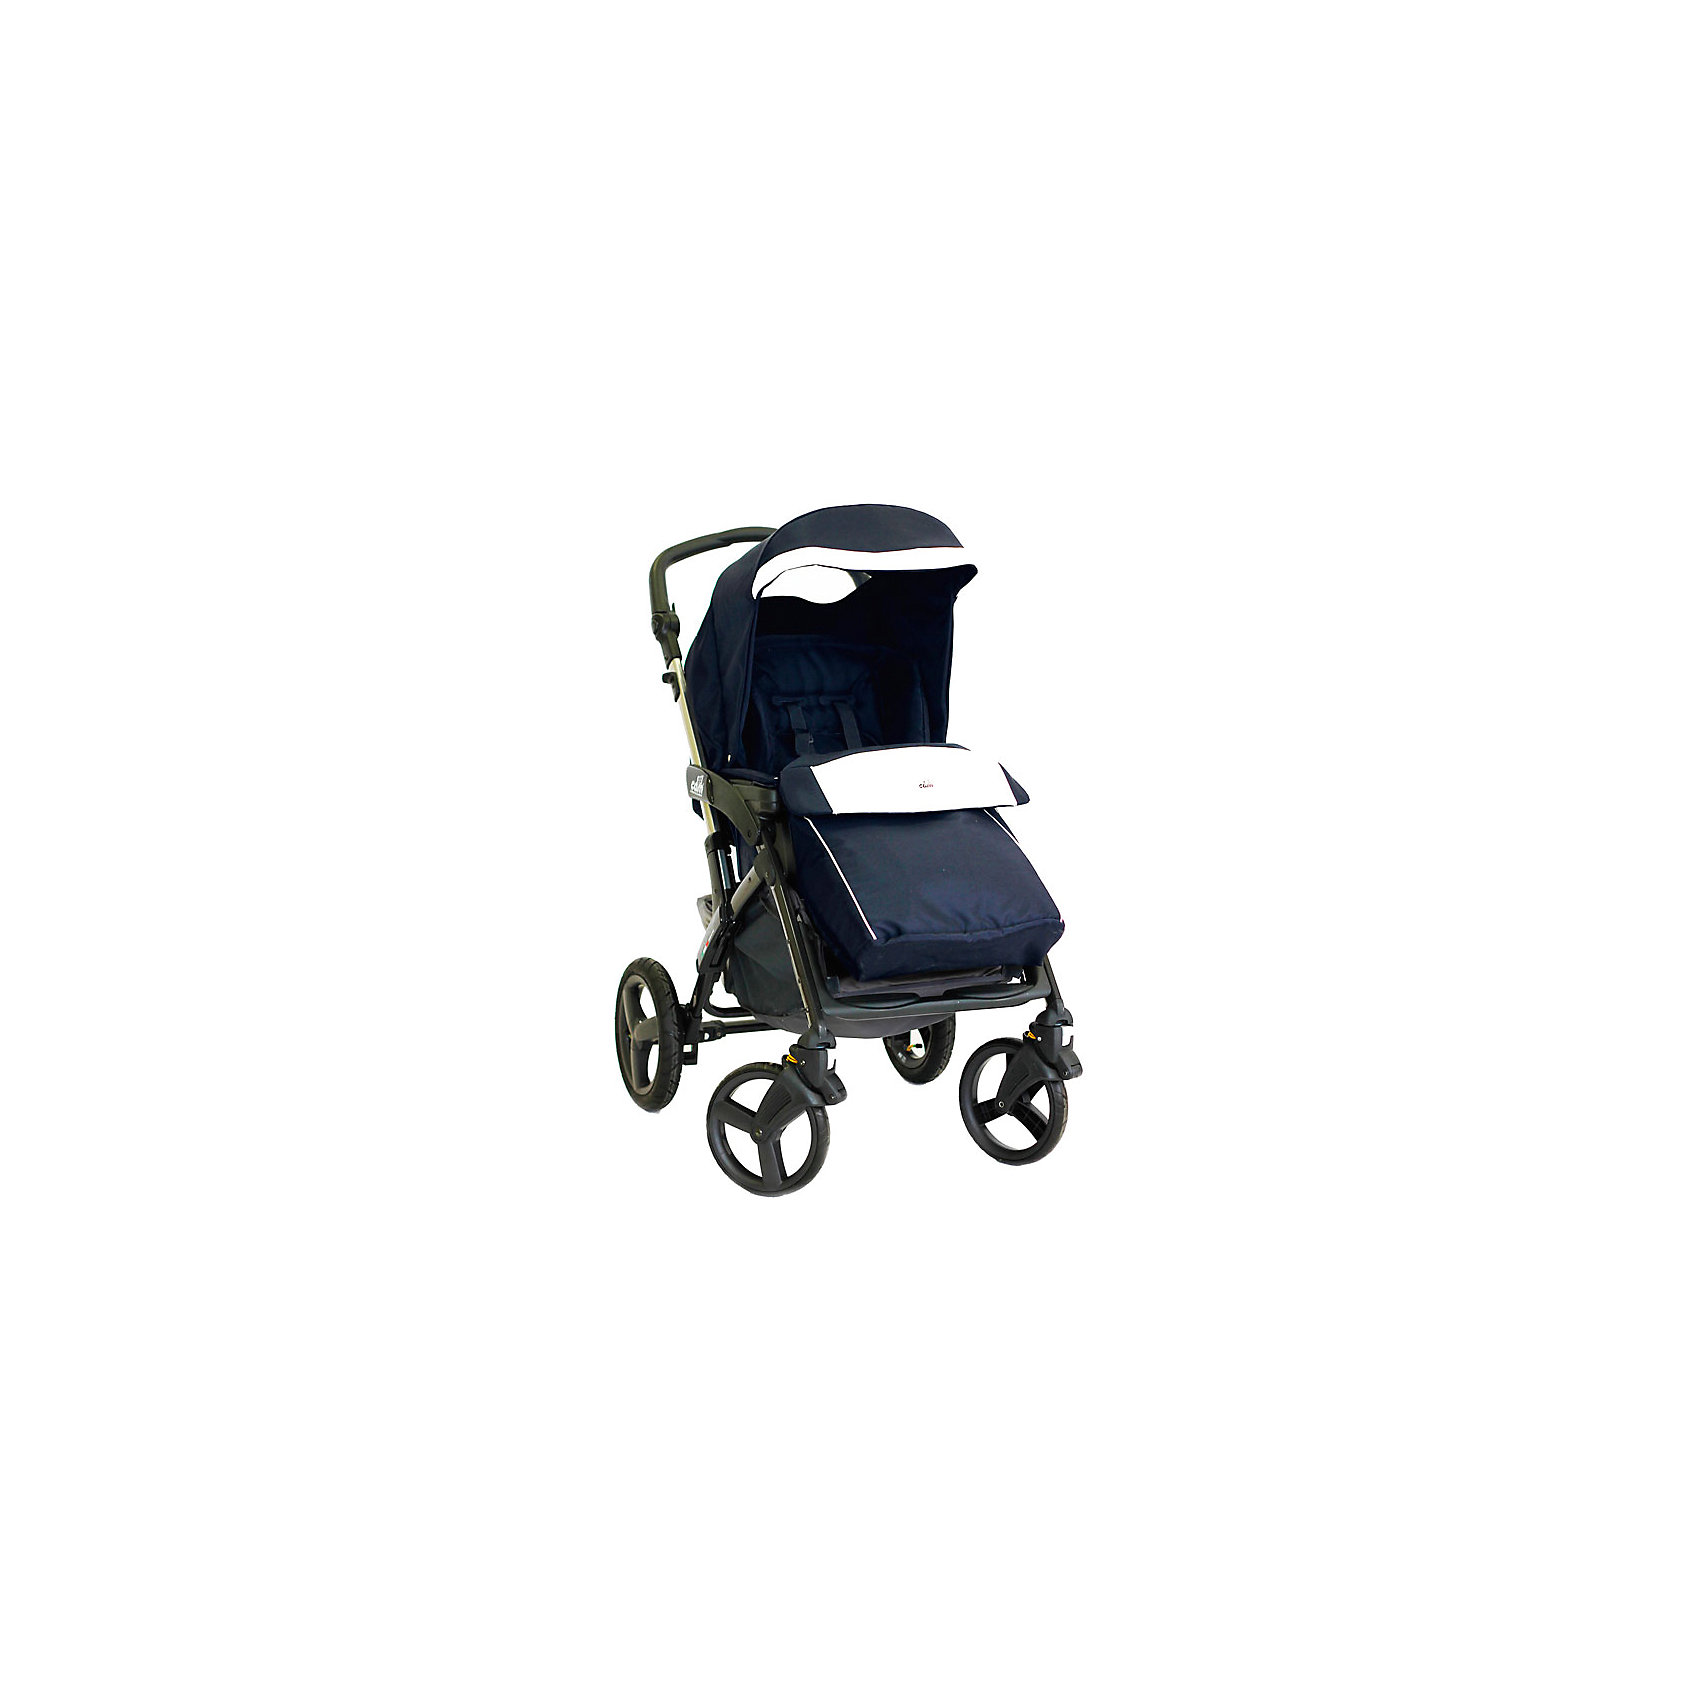 Прогулочная коляска Dinamico 4S, CAM, синий с белой эко-кожейПрогулочная коляска Dinamico 4S, CAM, синий с белой эко-кожей – отличный вариант для долгого пребывания на улице.<br>Удобные колеса делают коляску очень проходимой в любых обстоятельствах. Спинку можно отрегулировать в 4 положениях. Также можно отрегулировать подножку по размеру ребенка. Для обеспечения безопасности малыша в коляске 5-и точечные ремни с мягкими накладками и съемный защитный бампер. Есть подлокотники для удобства ребенка. Чехлы съемные.<br><br>Дополнительная информация:<br><br>- вес: 10,2 кг <br>- в разложенном состоянии: 56х84х100,5 см  <br>- в сложенном состоянии: 56х25,5х82 см <br>- цвет: синий с белым<br>- в комплект входит: дождевик-универсальный<br>- возраст: от 6 до 36 месяцев<br>- вес ребенка: до 15 кг<br><br><br>Прогулочная коляска Dinamico 4S, CAM, синий с белой эко-кожей можно купить в нашем интернет магазине.<br><br>Ширина мм: 550<br>Глубина мм: 350<br>Высота мм: 850<br>Вес г: 11800<br>Возраст от месяцев: 6<br>Возраст до месяцев: 36<br>Пол: Унисекс<br>Возраст: Детский<br>SKU: 5013505